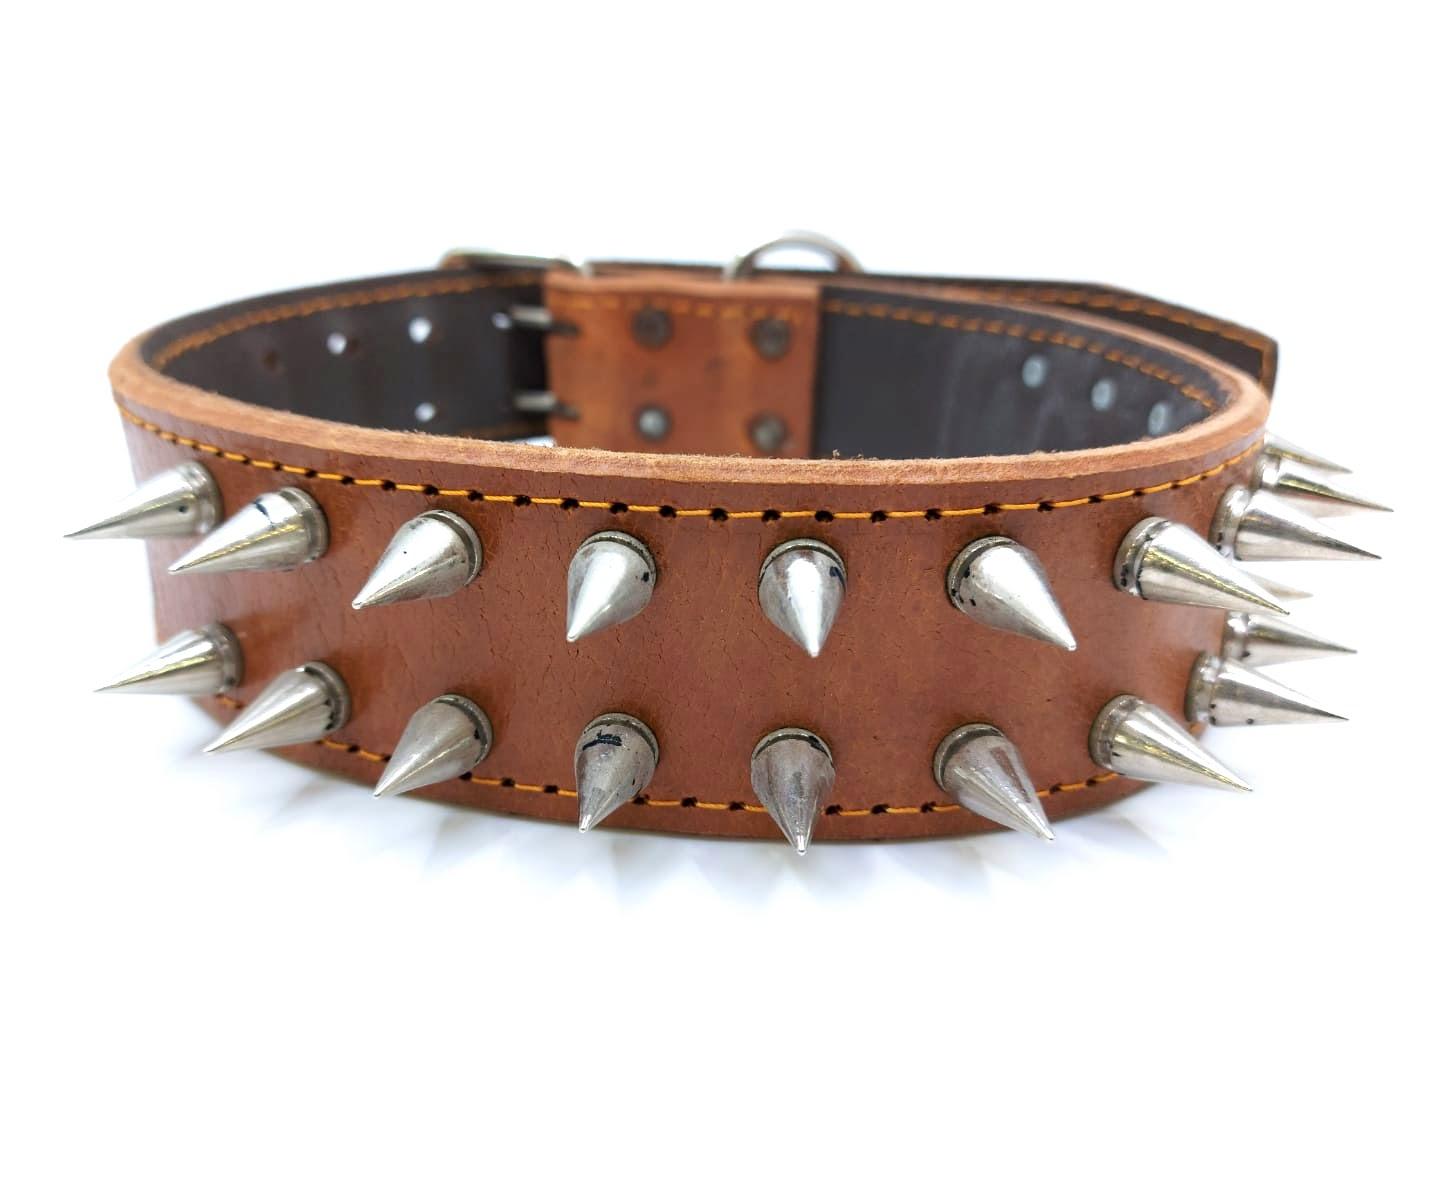 Smallactup Široký kožený obojek s hroty pro psa 80 cm, hnědý